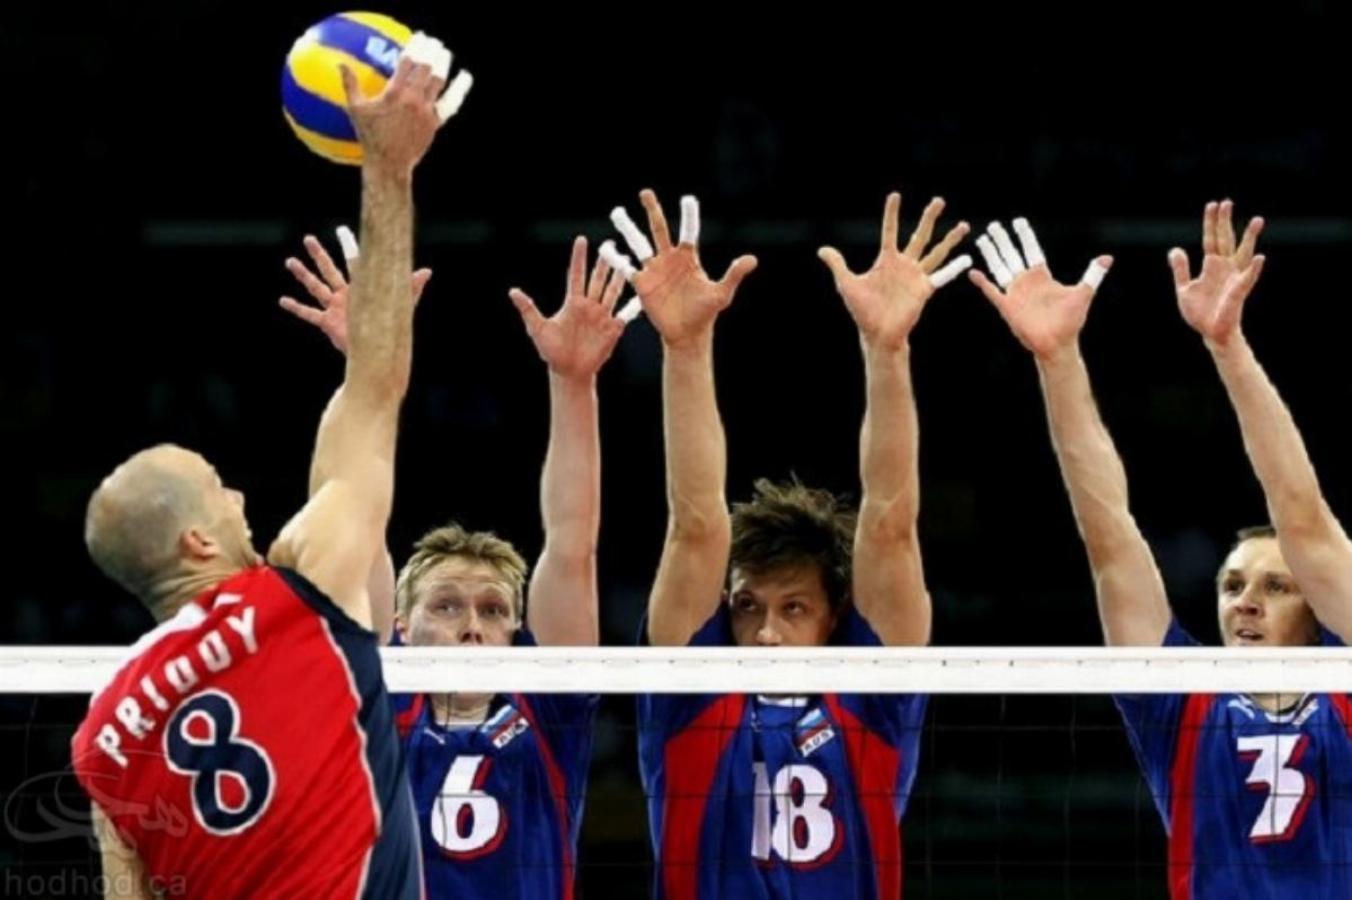 تاریخچه ورزش والیبال در جهان